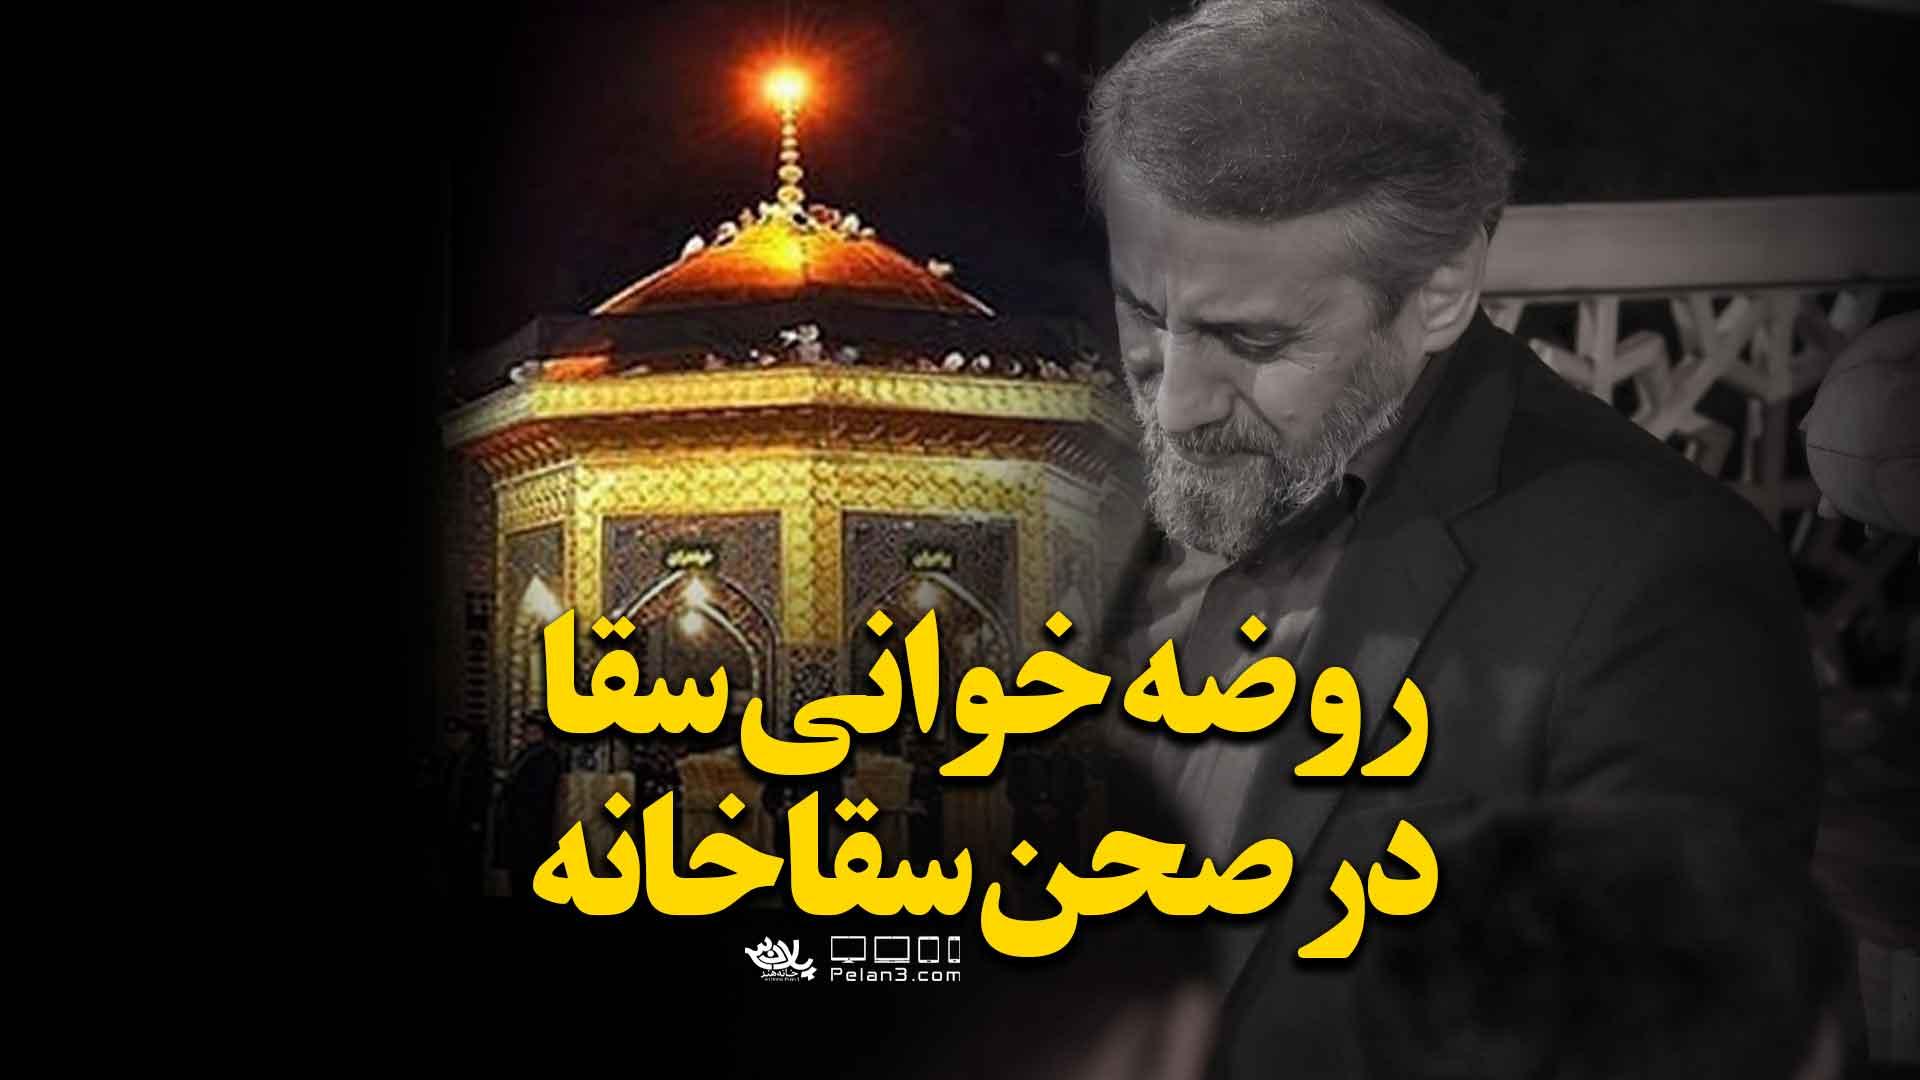 سقاخانه احمد واعظی